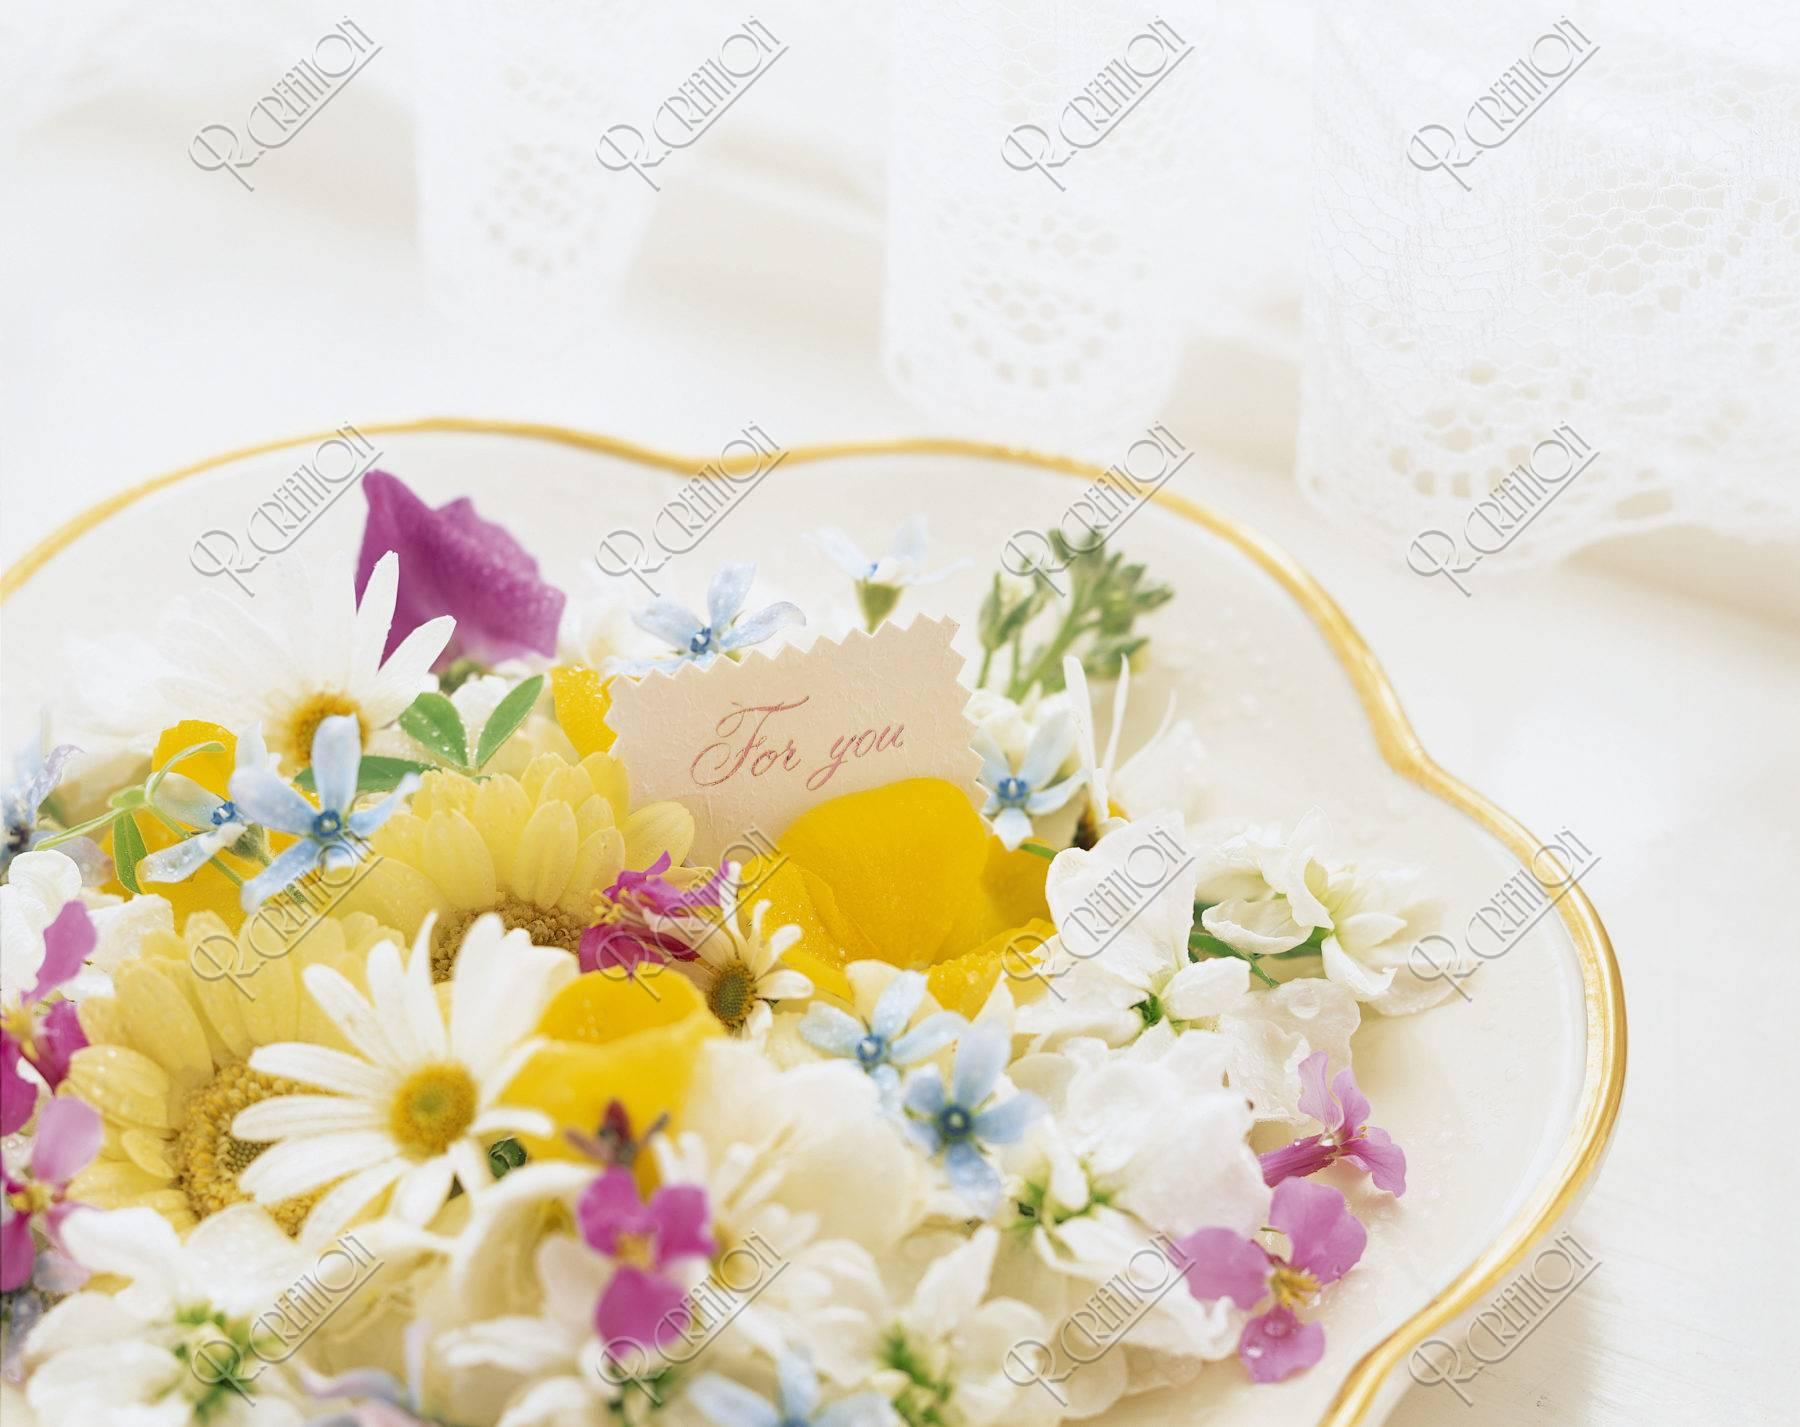 ギフトイメージお皿の上の花